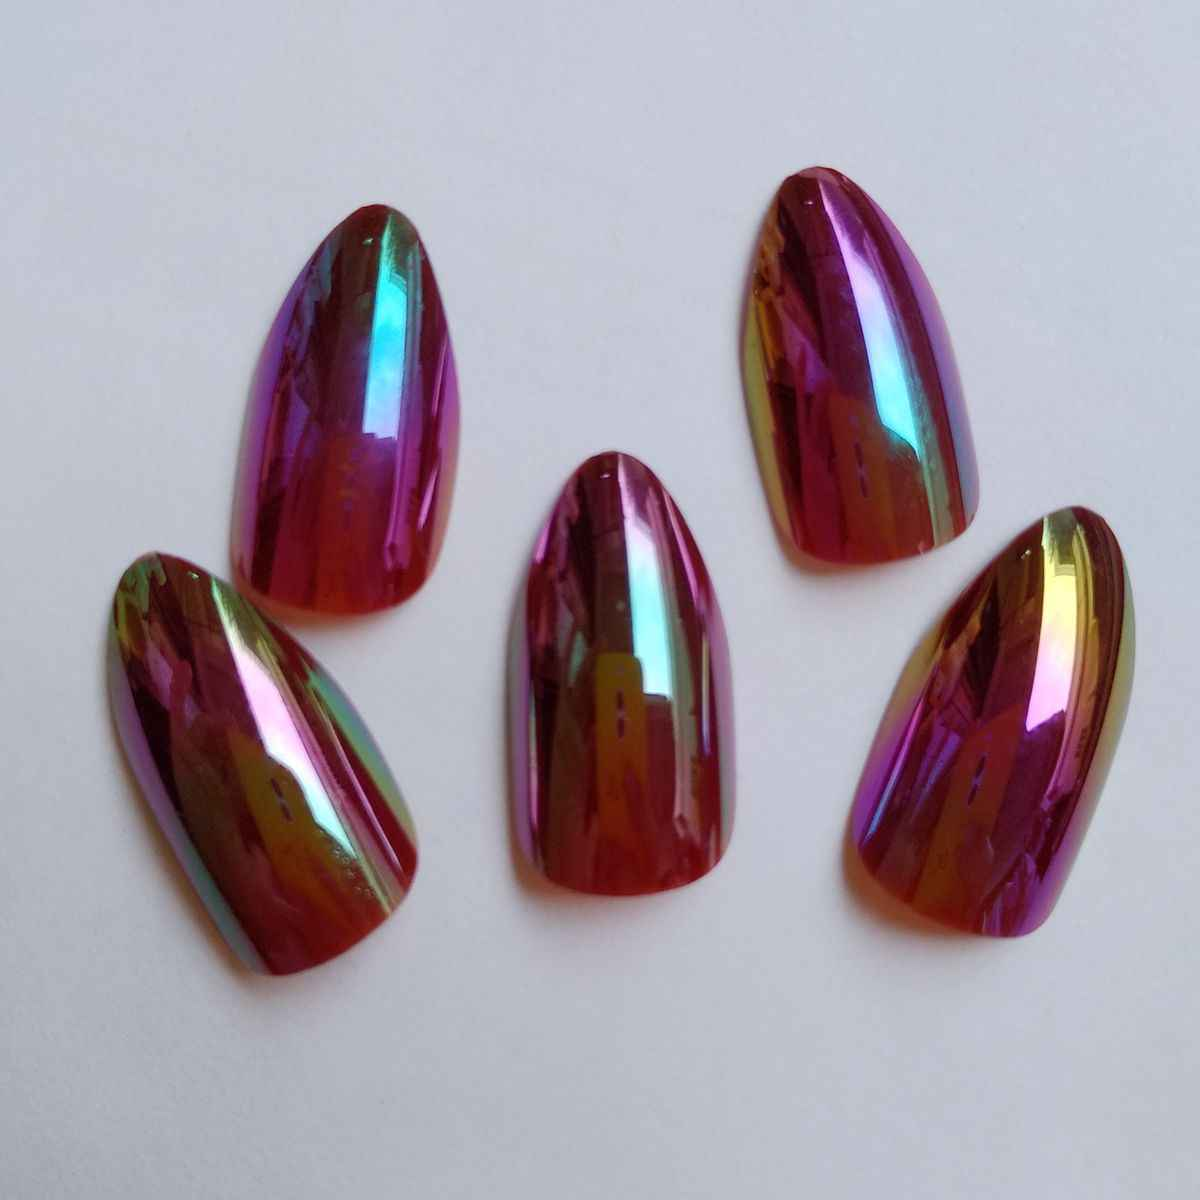 24 pçs camaleão espelho falso stiletto prego holográfico vinho vermelho unhas falsas apontado acrílico salão de beleza da arte do prego produto z145